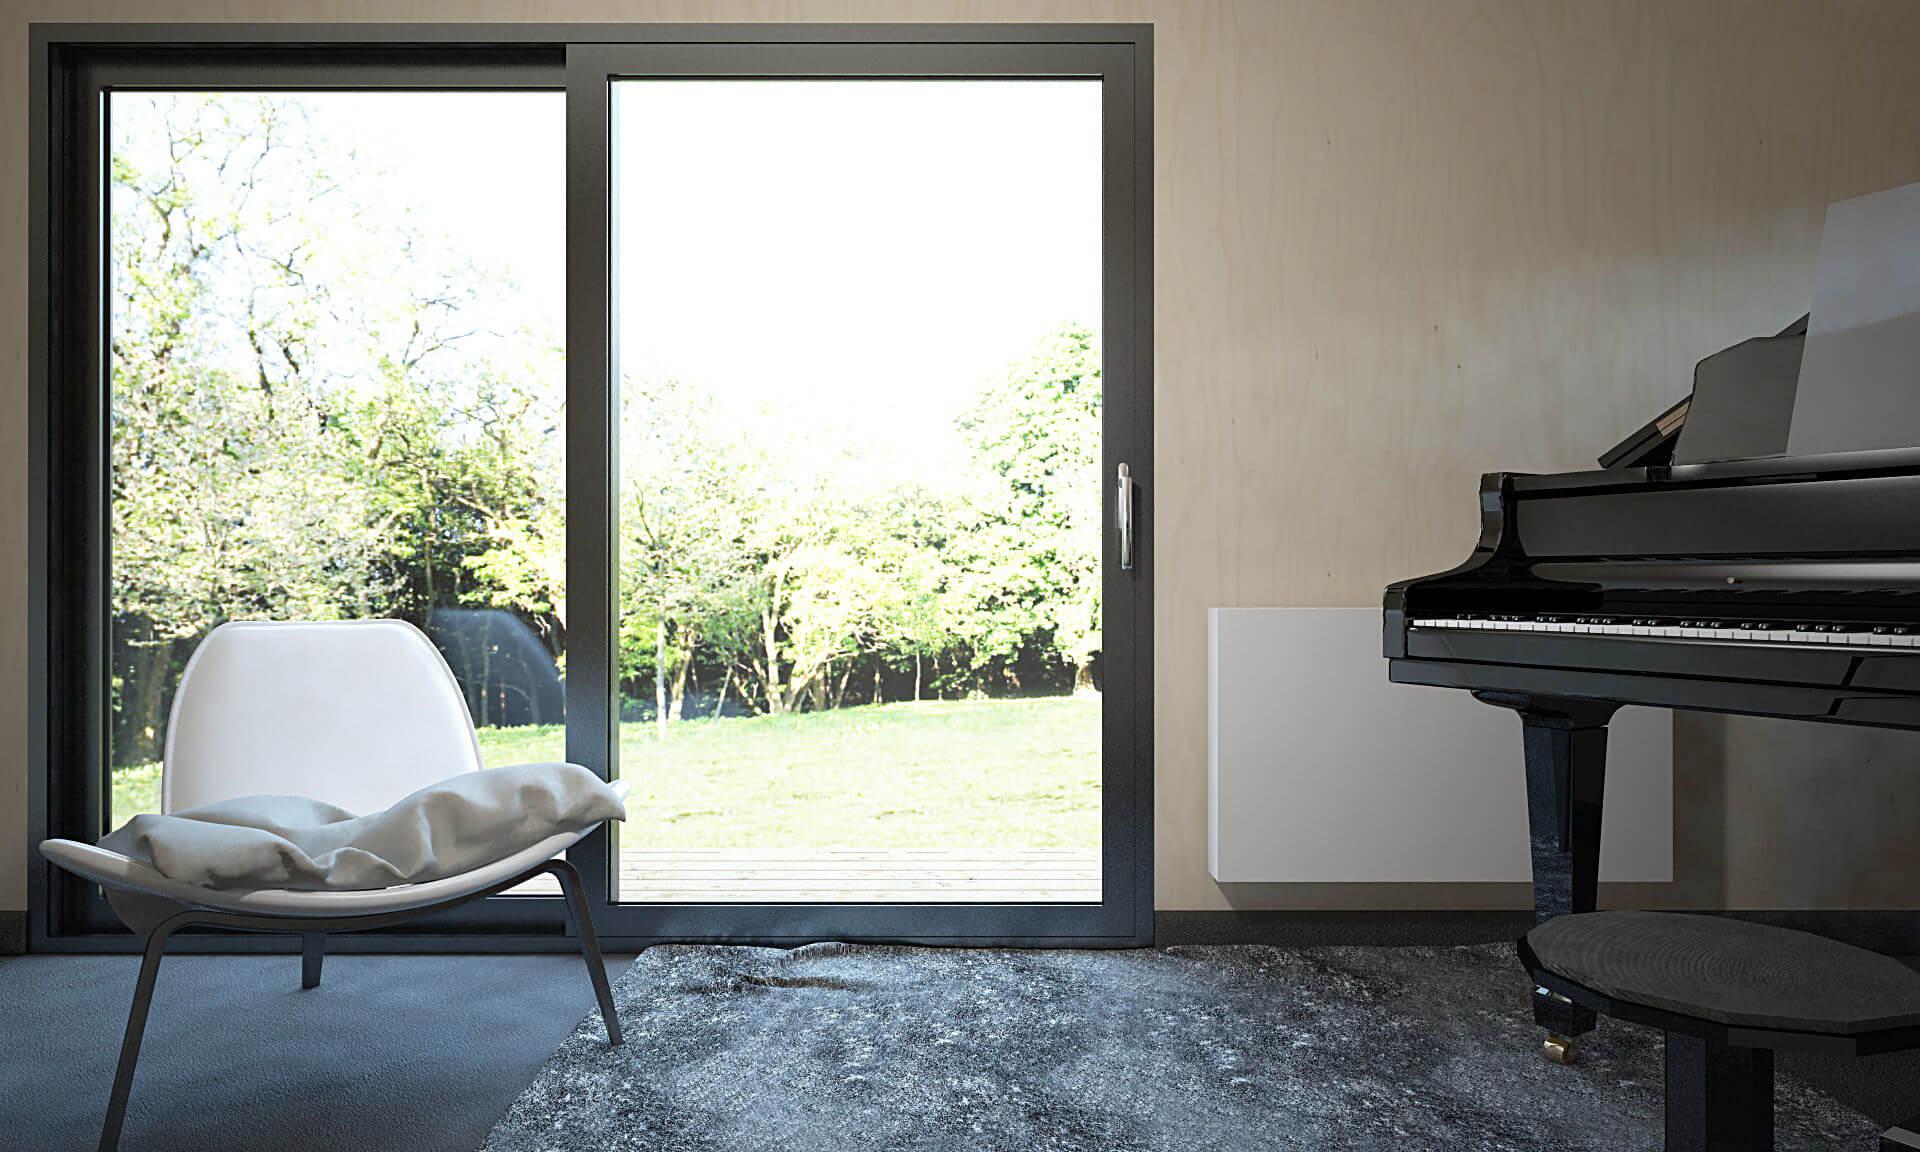 studio de jardin musicien 20m22 - Plans et vues 3D de studios de jardin en bois